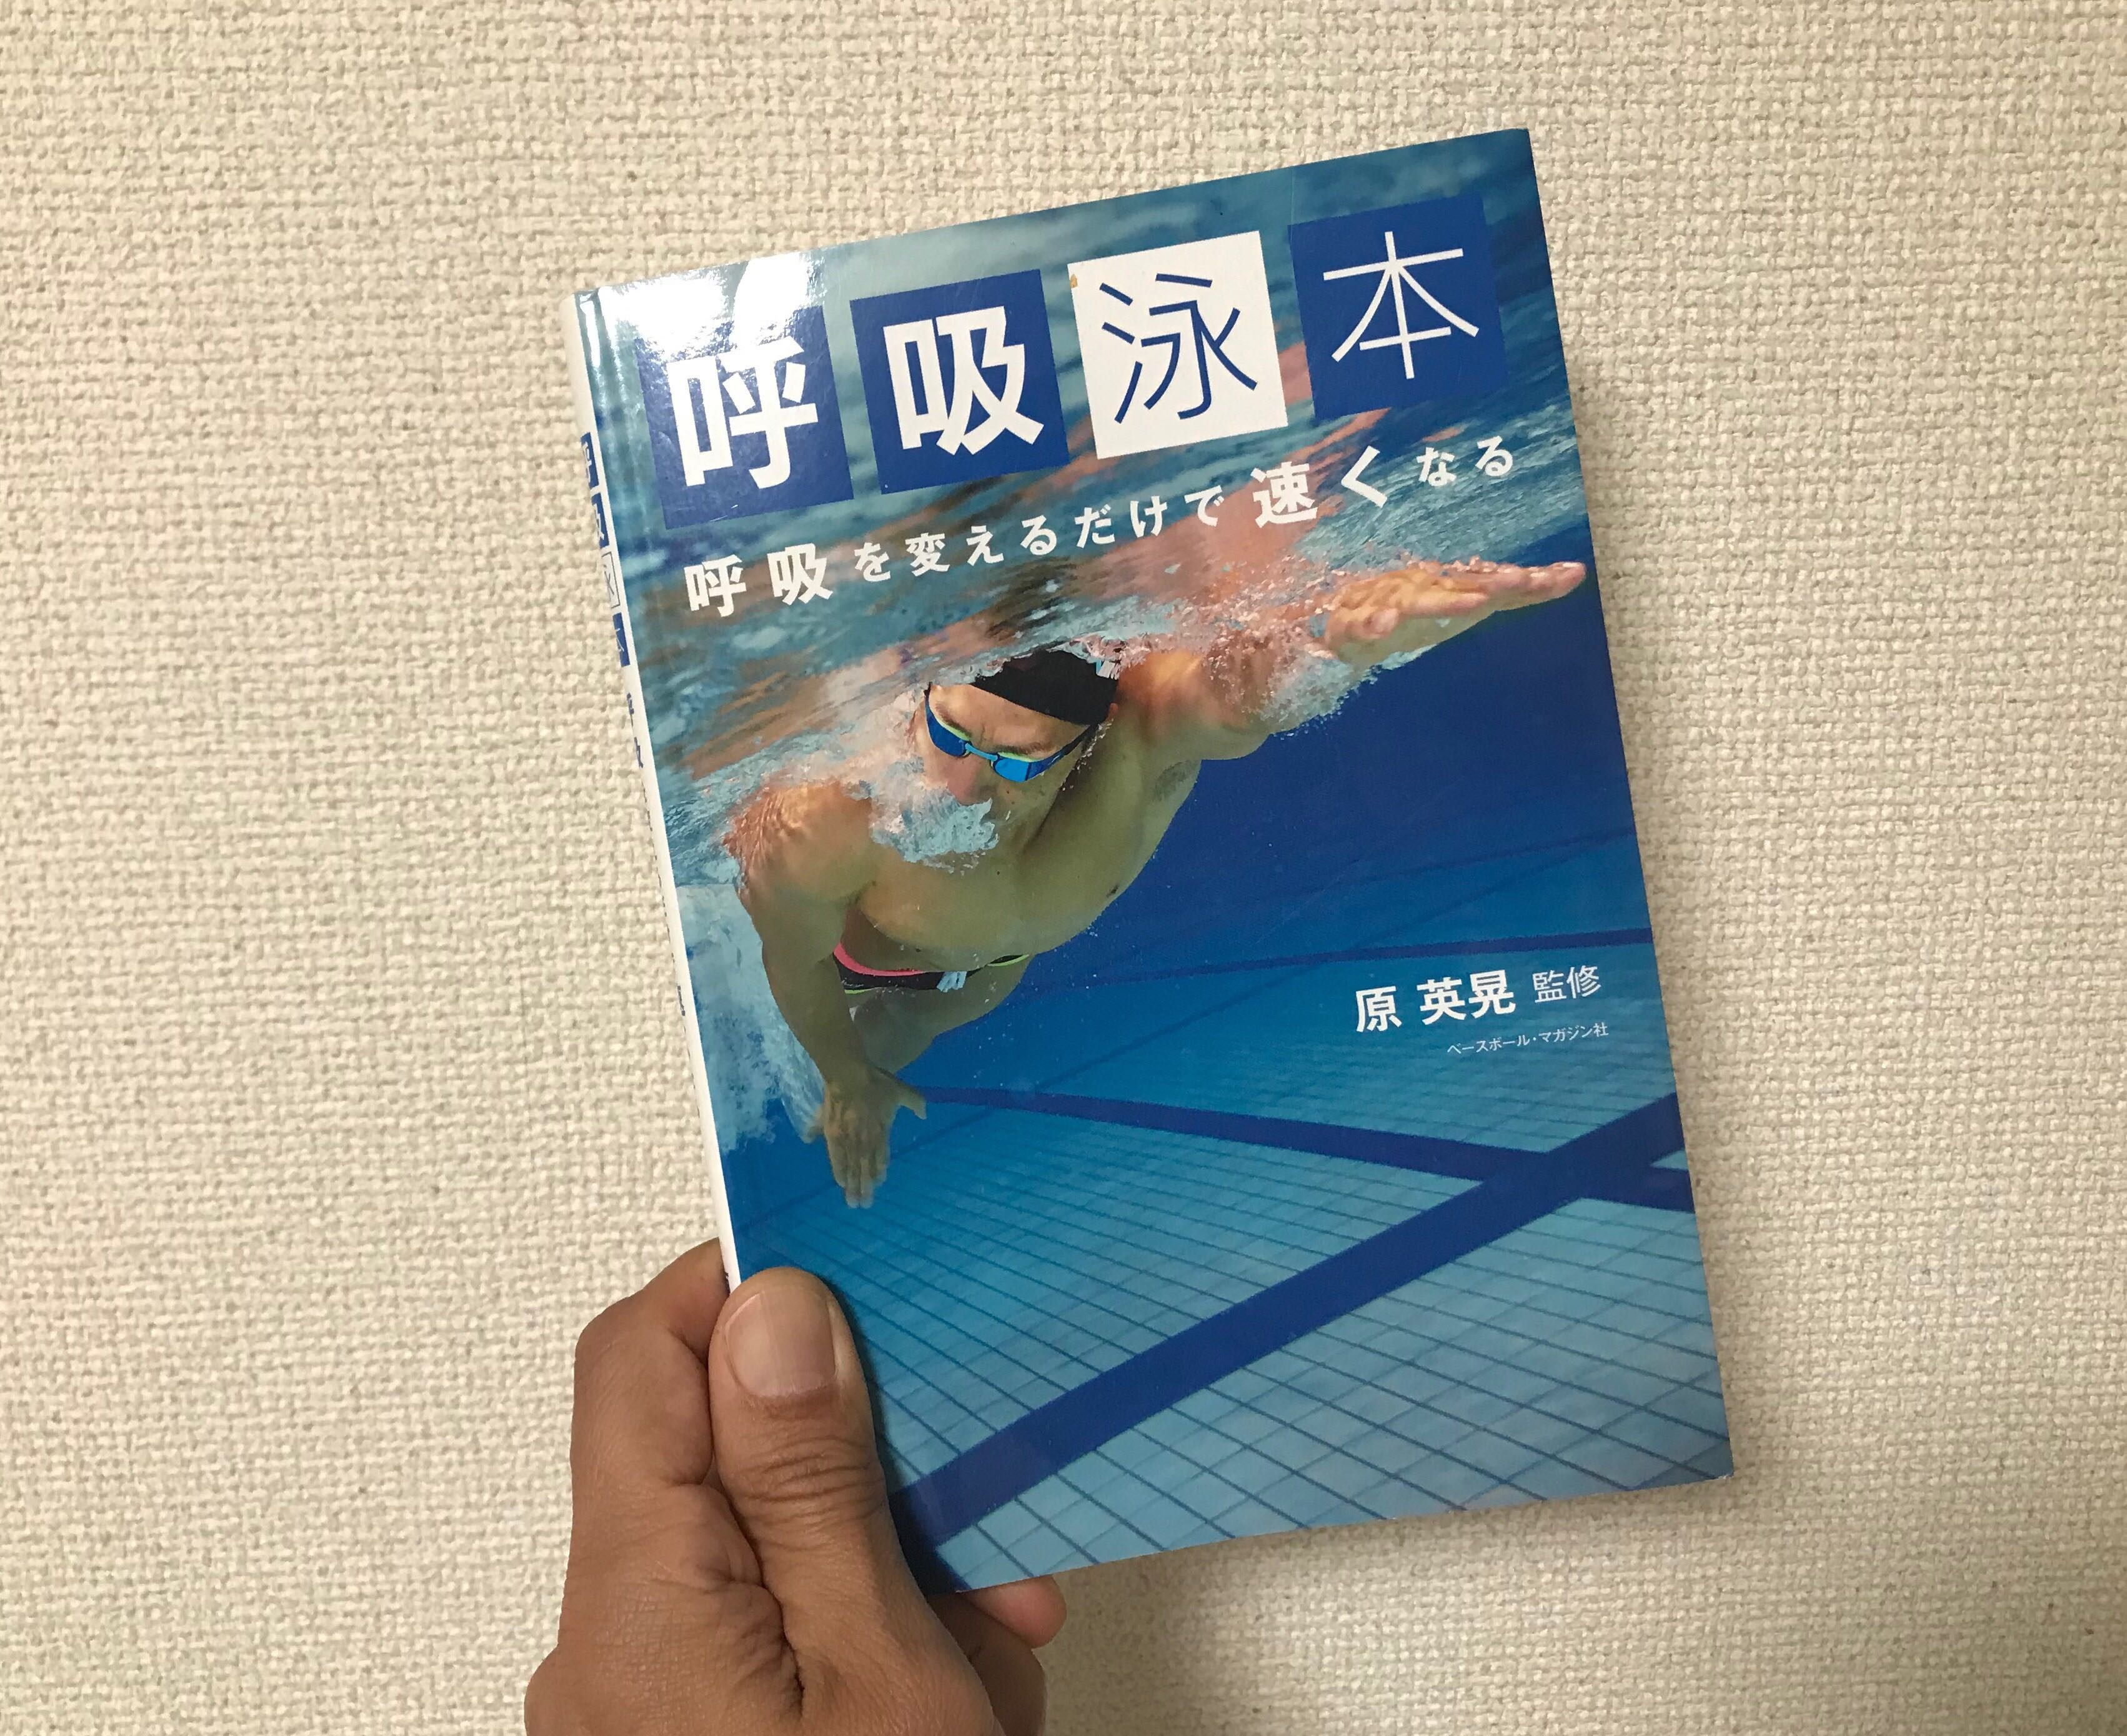 ヘボからのスイム苦闘記㉕~「呼吸泳本」で呼吸の重要性を学ぶ